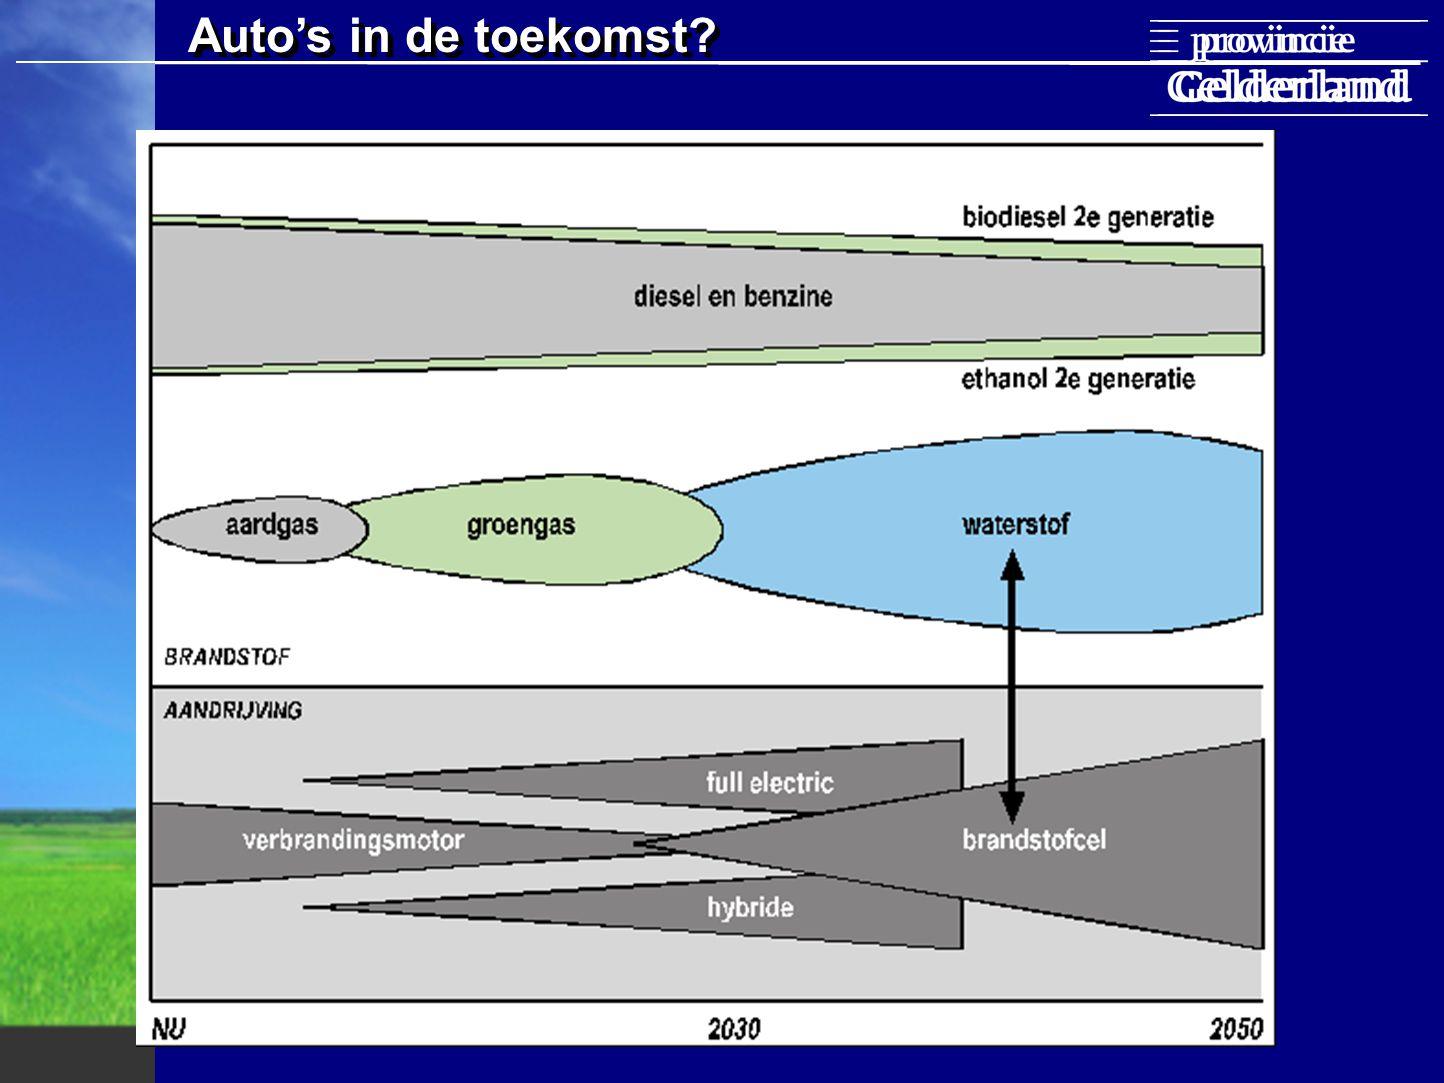 Auto's in de toekomst